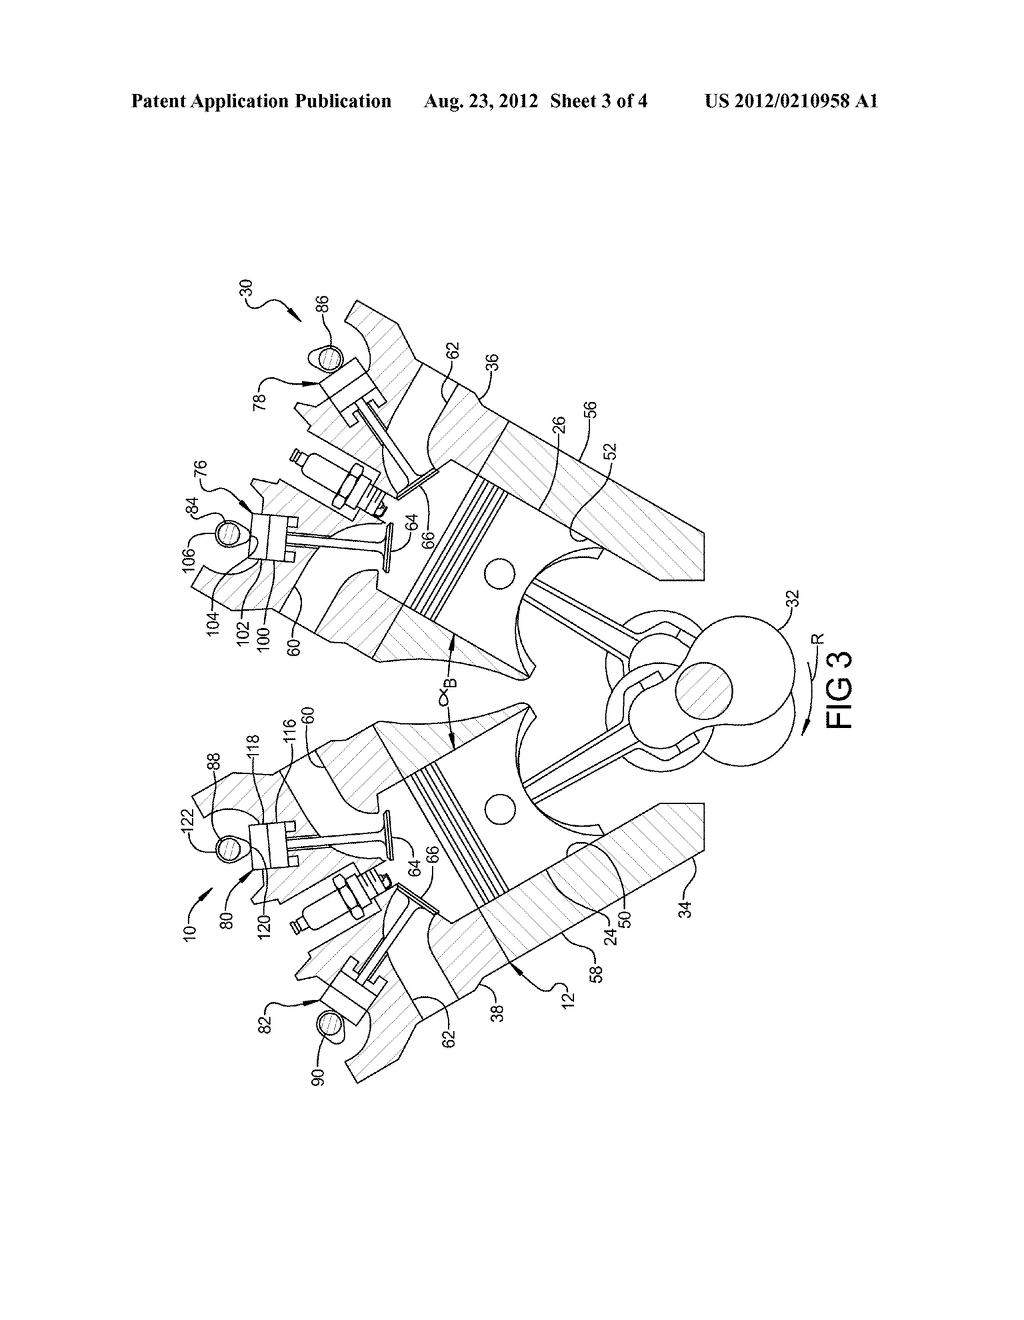 Engine assembly including crankshaft for v8 arrangement diagram 2002 dodge 4 7 engine diagram engine crankshaft diagram